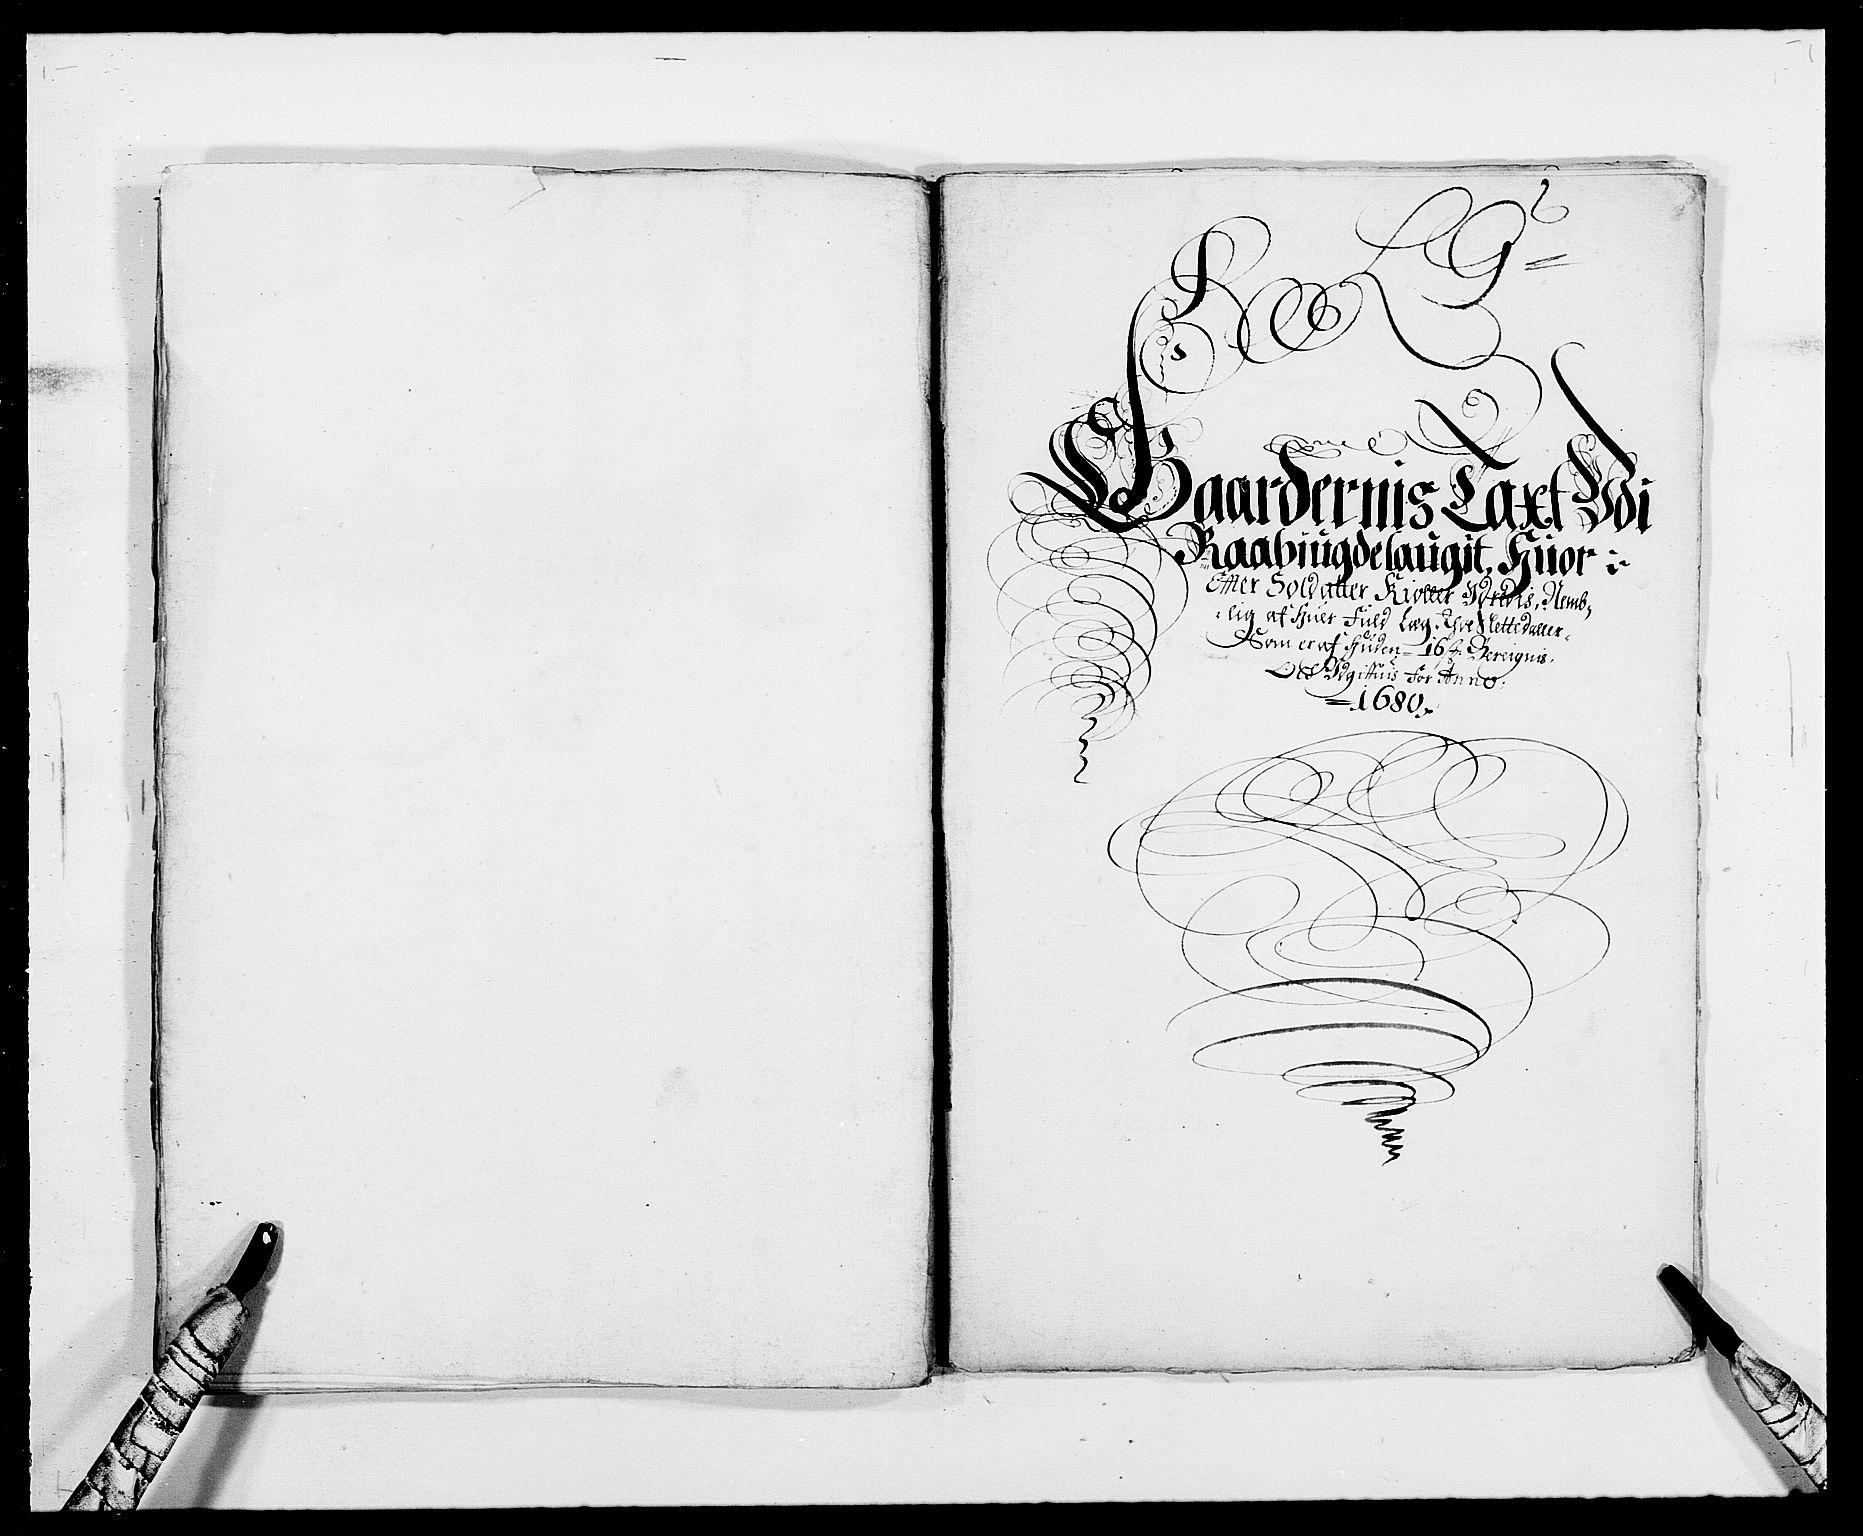 RA, Rentekammeret inntil 1814, Reviderte regnskaper, Fogderegnskap, R40/L2436: Fogderegnskap Råbyggelag, 1679-1680, s. 282